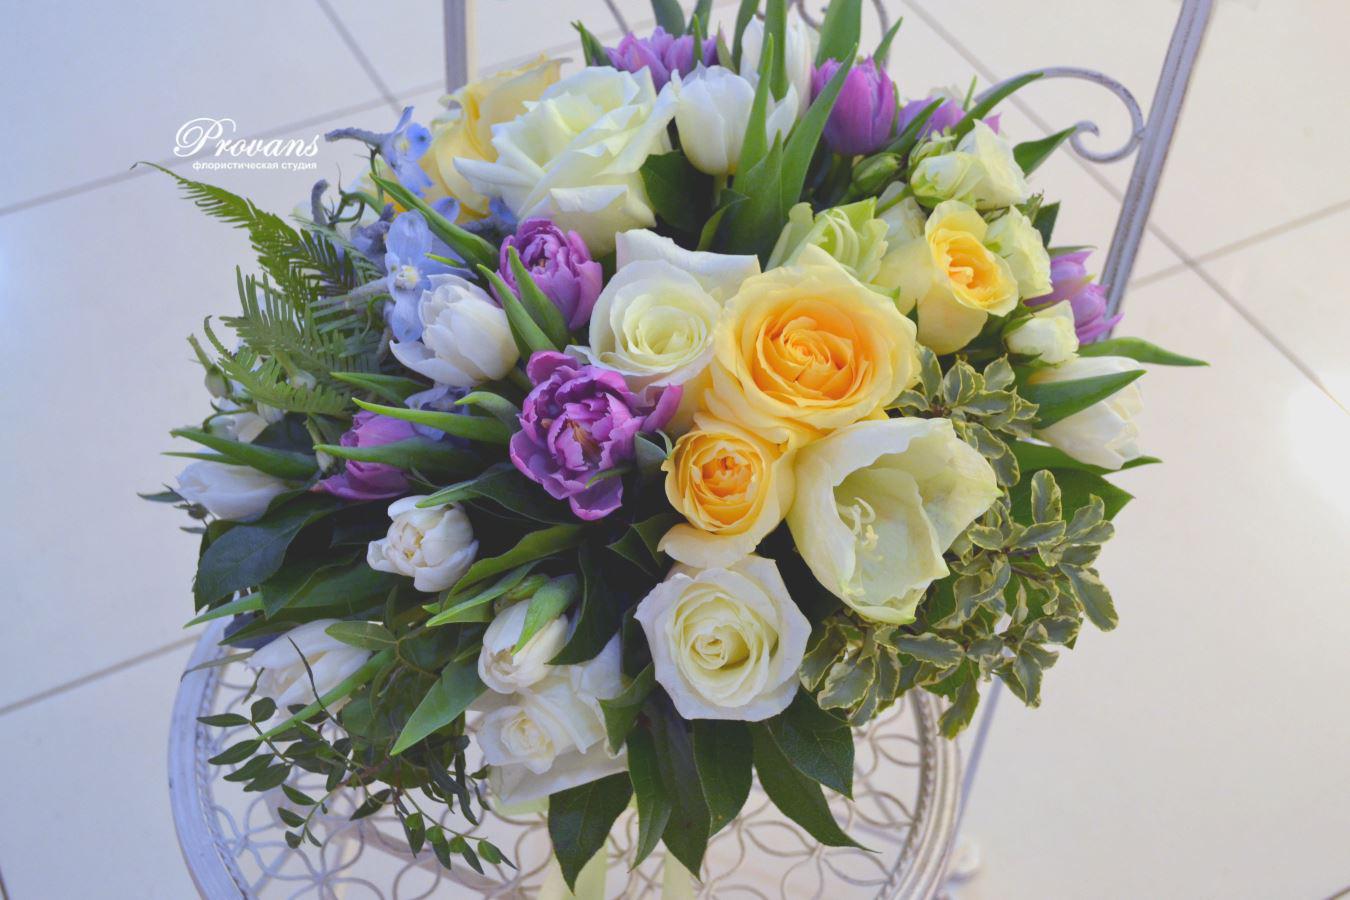 Букет на день рождения. Белые розы, тюльпаны, амариллис